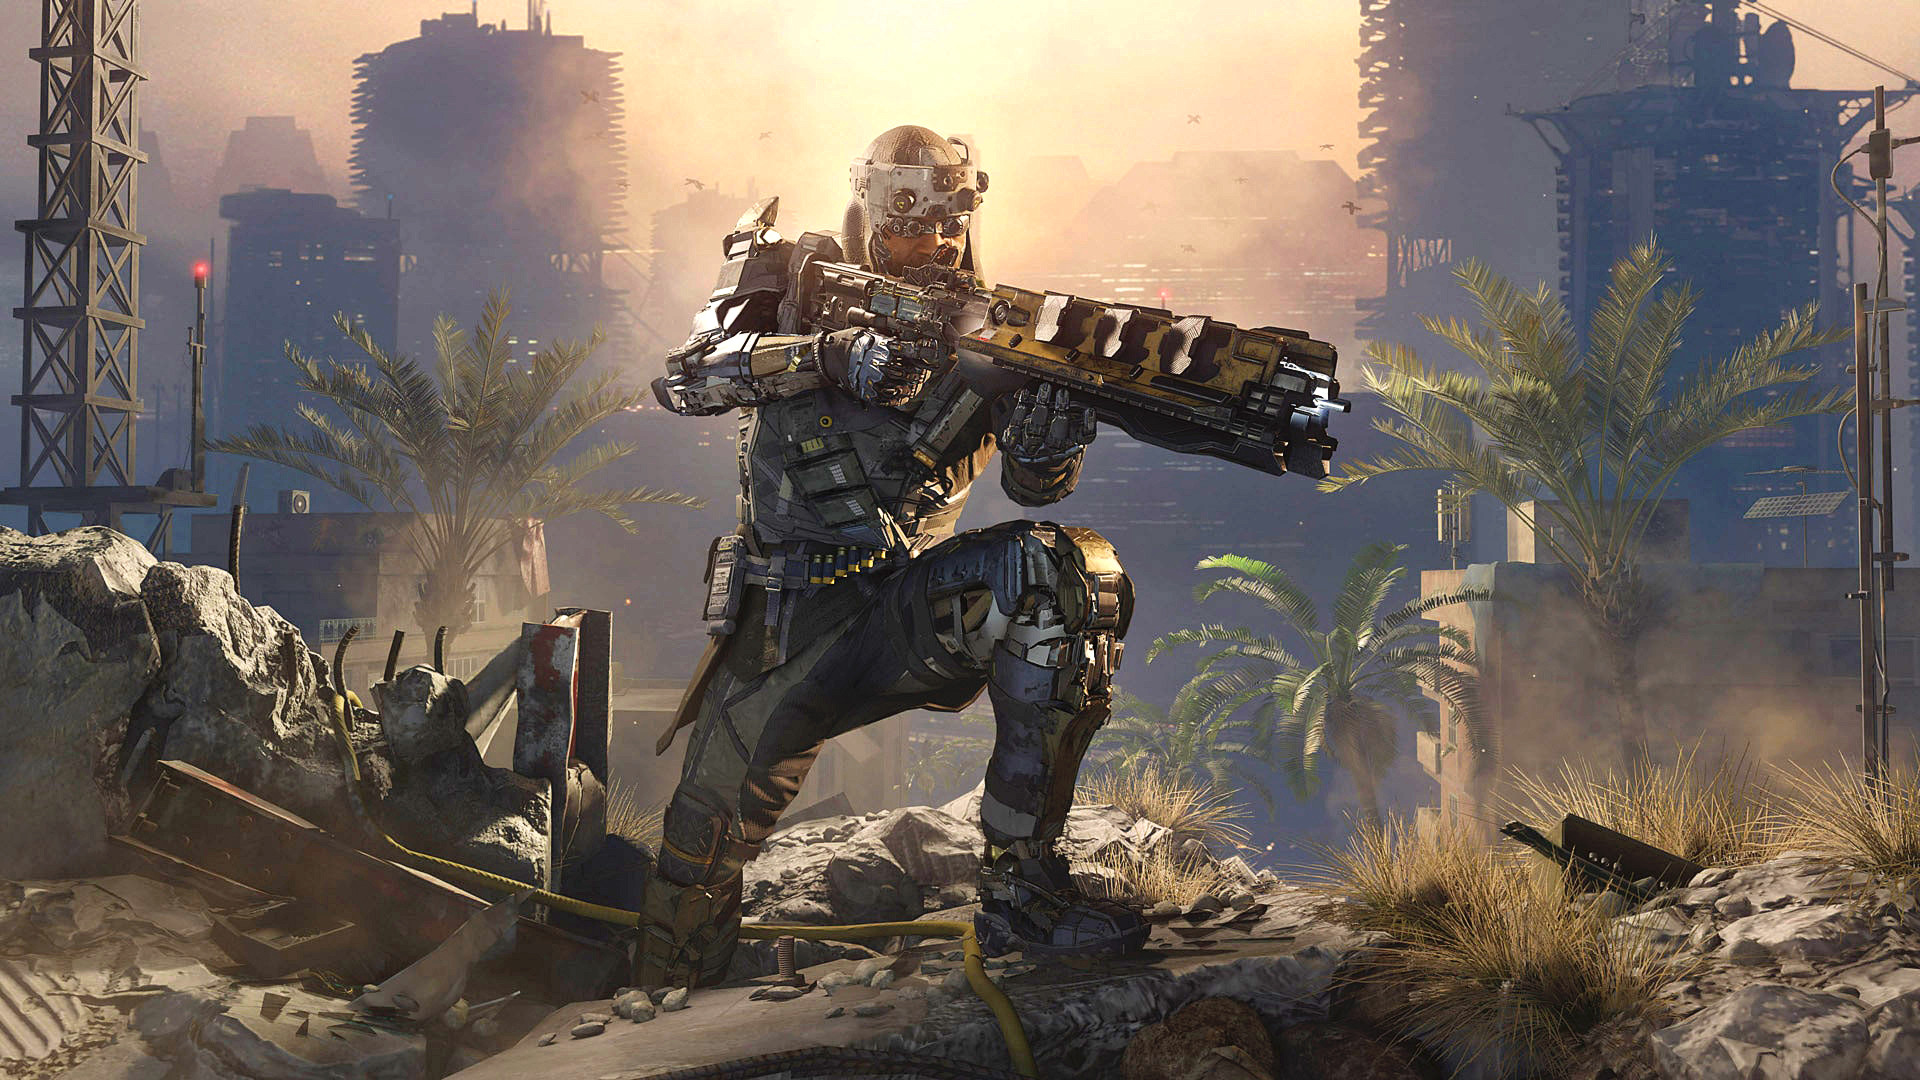 COD Black Ops 3 – Specialist: PROPHET